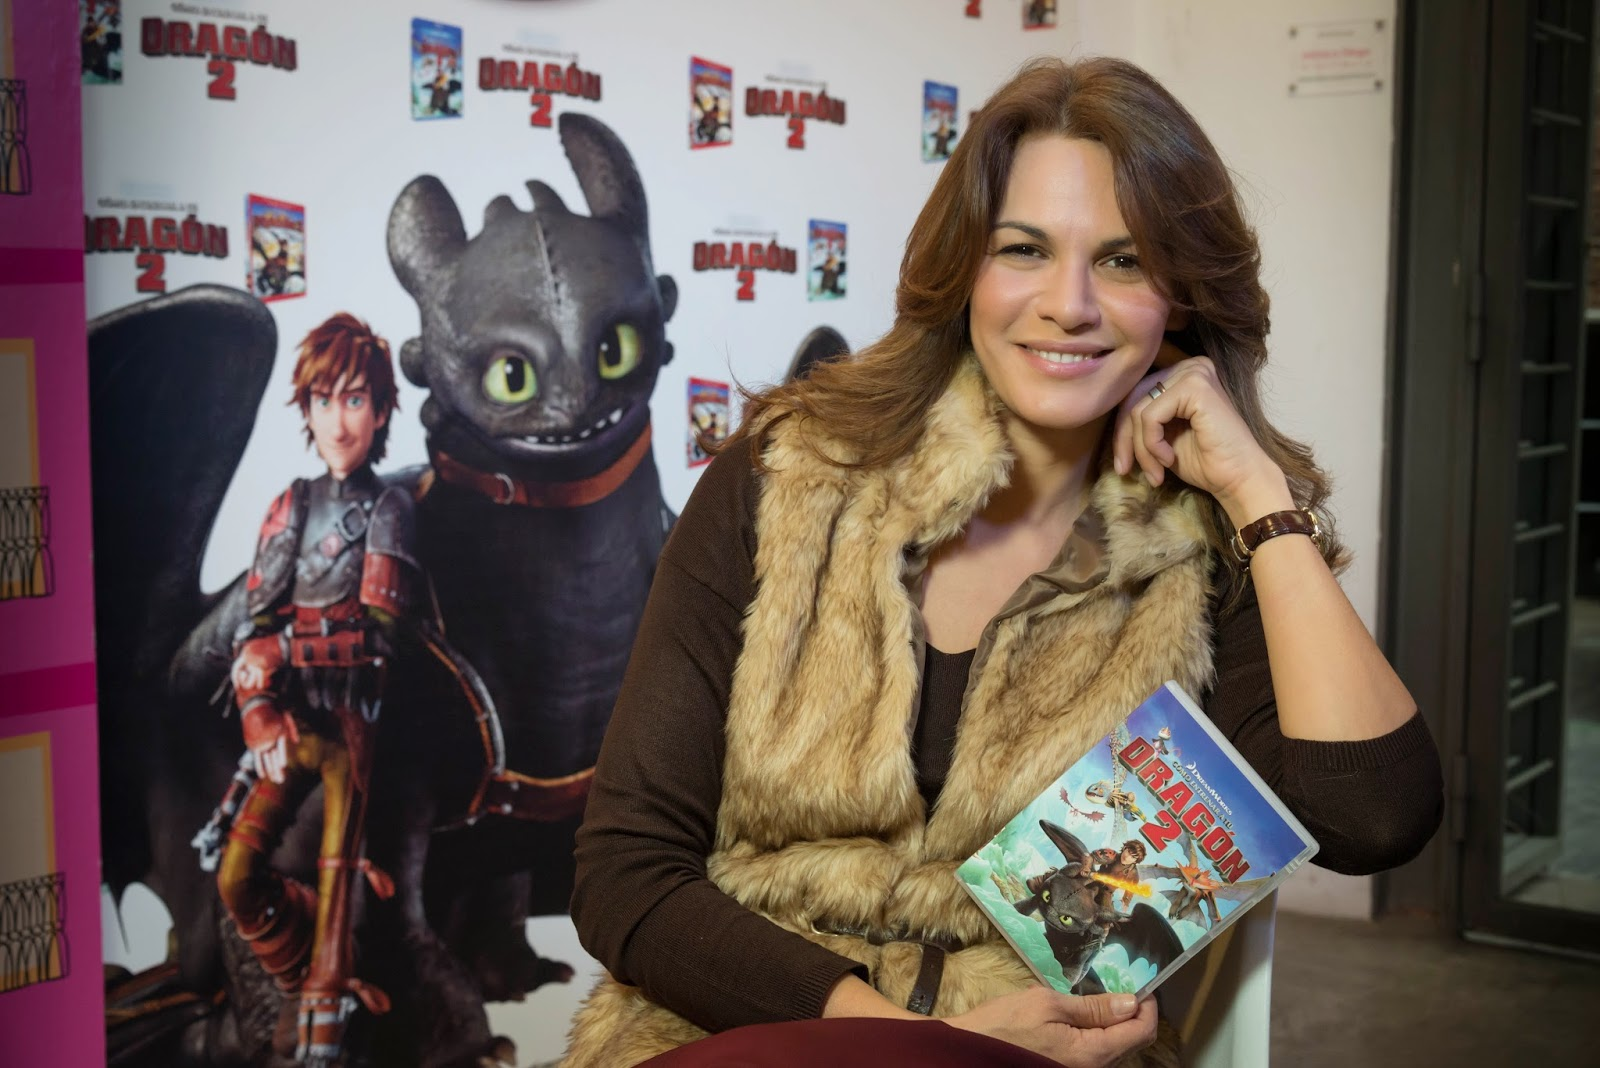 #DragonesEnMadrid presentación DVD Cómo entrenar a su dragon II blog infantil mama de noa